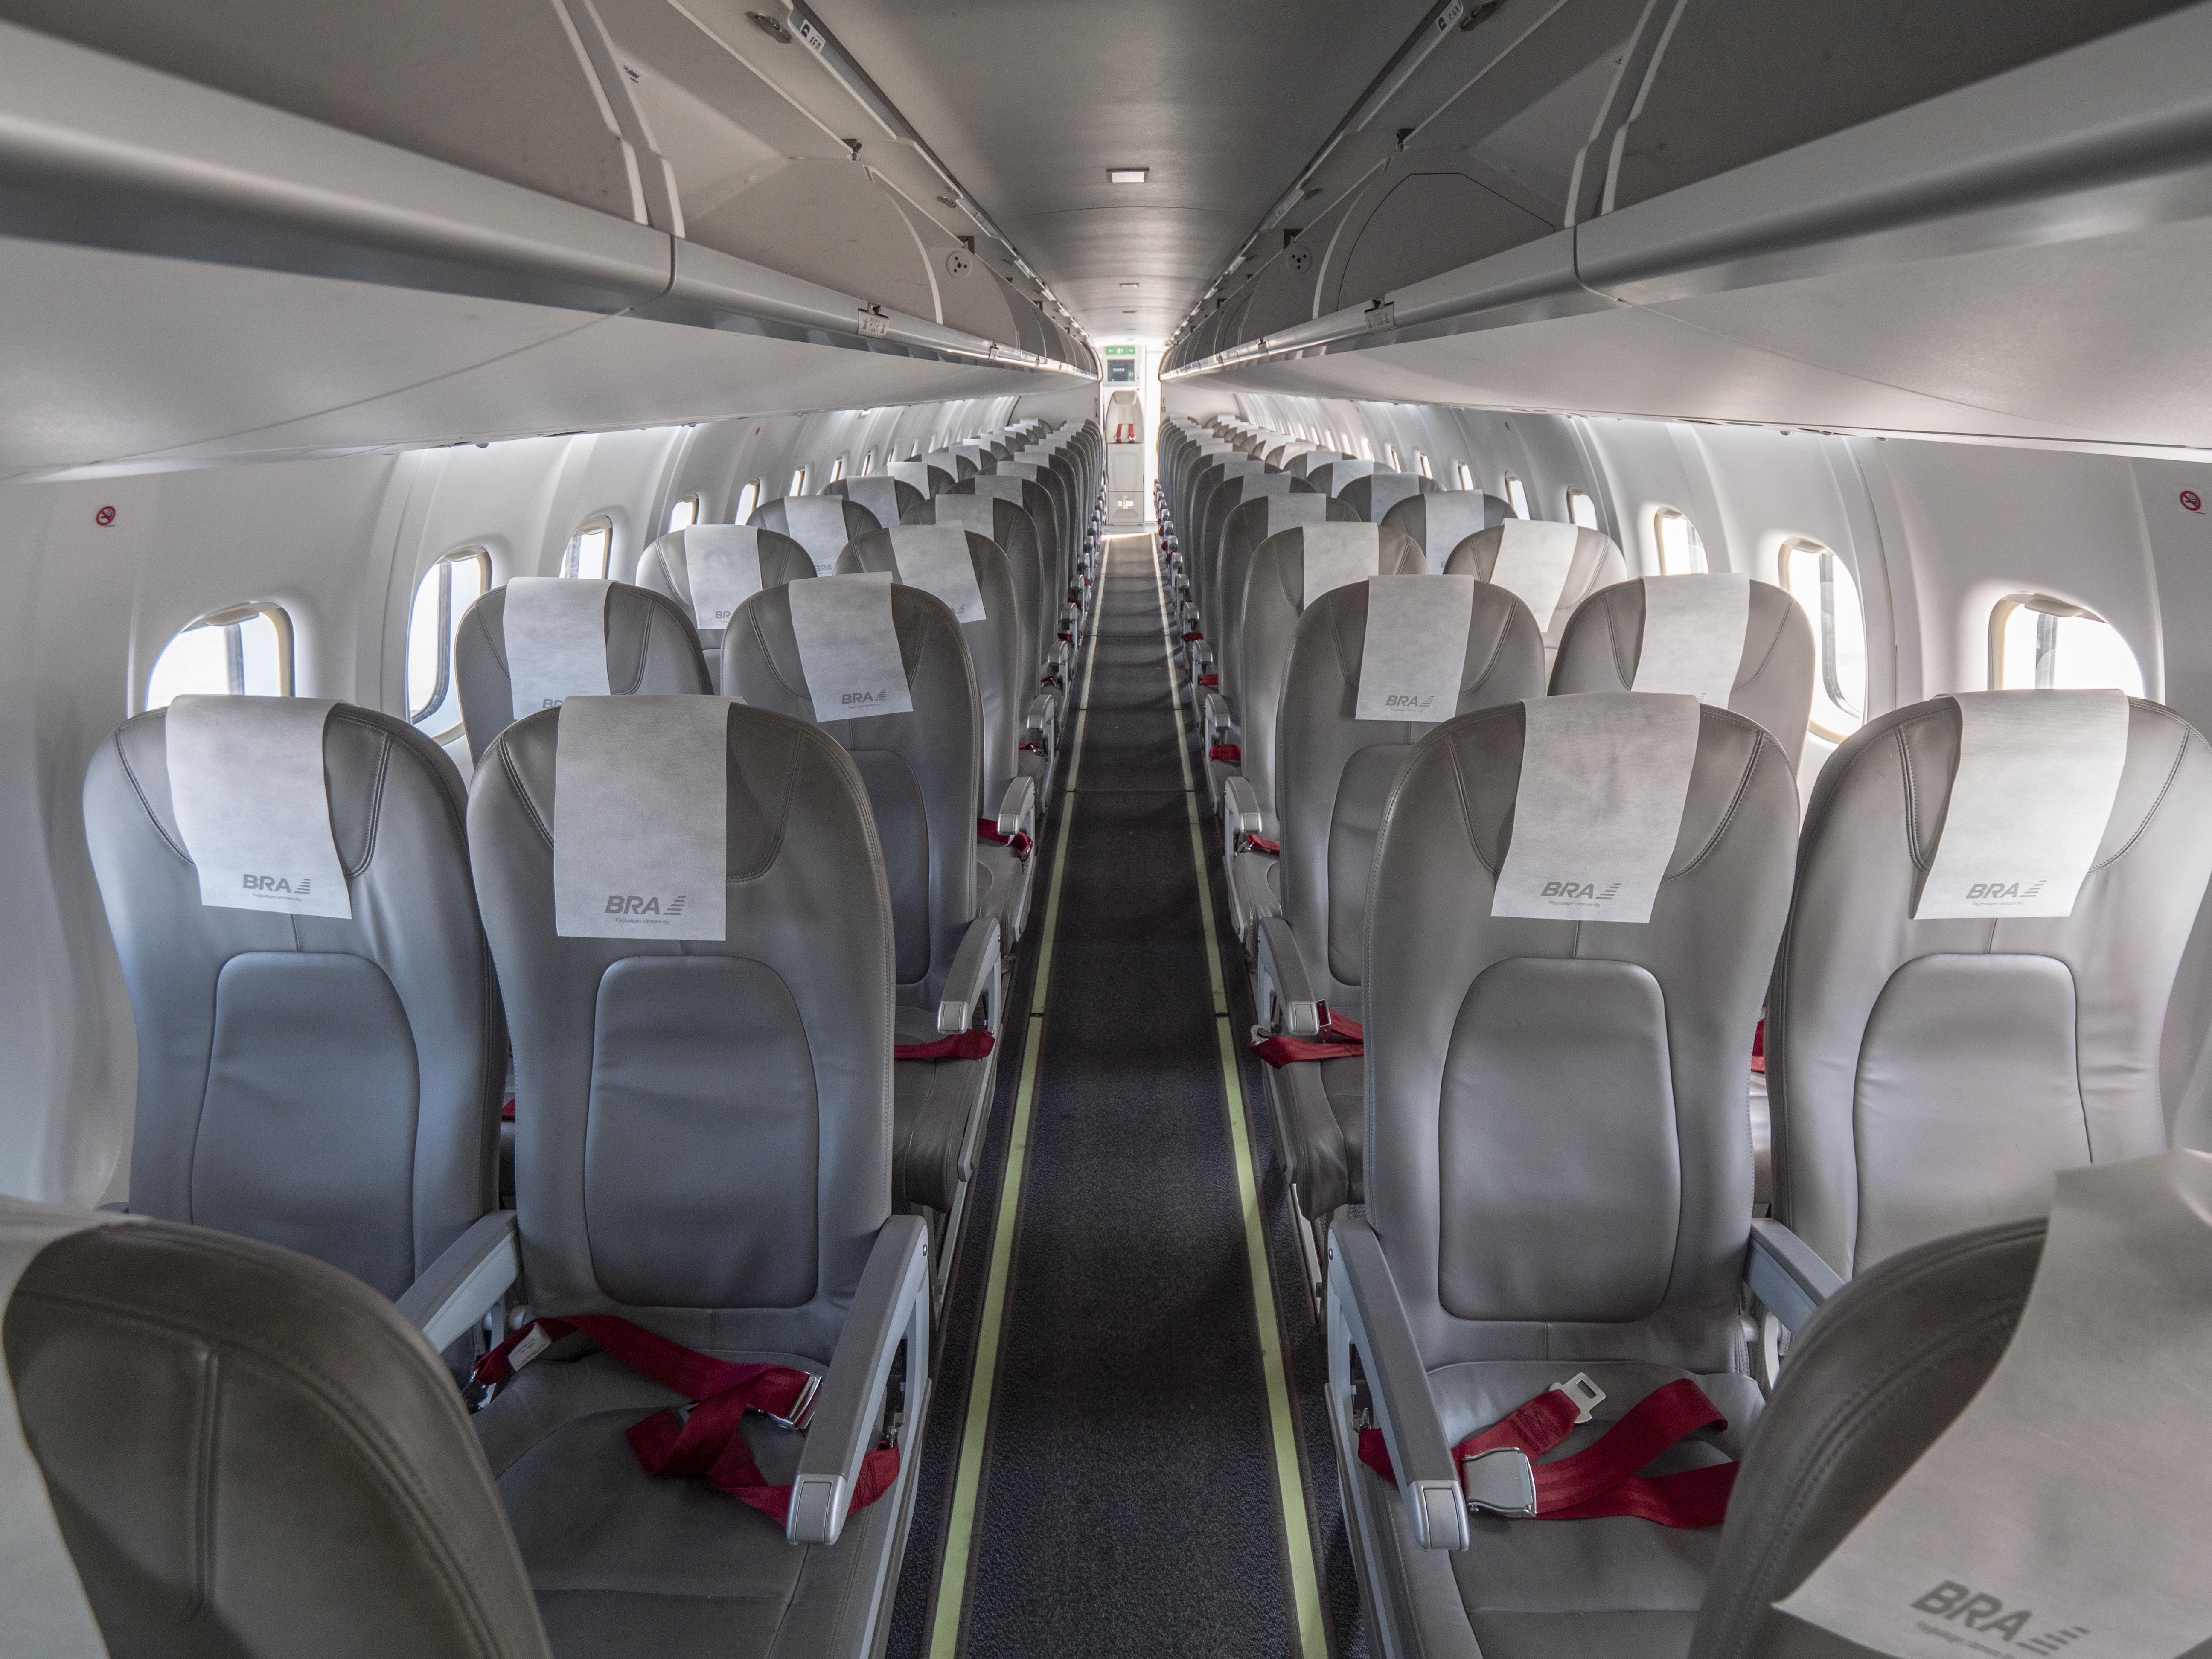 Det svenske flyselskab BRA har lanceret BRA Miljö Class for at give passagererne mulighed for at skåne miljøet. Foto: BRA